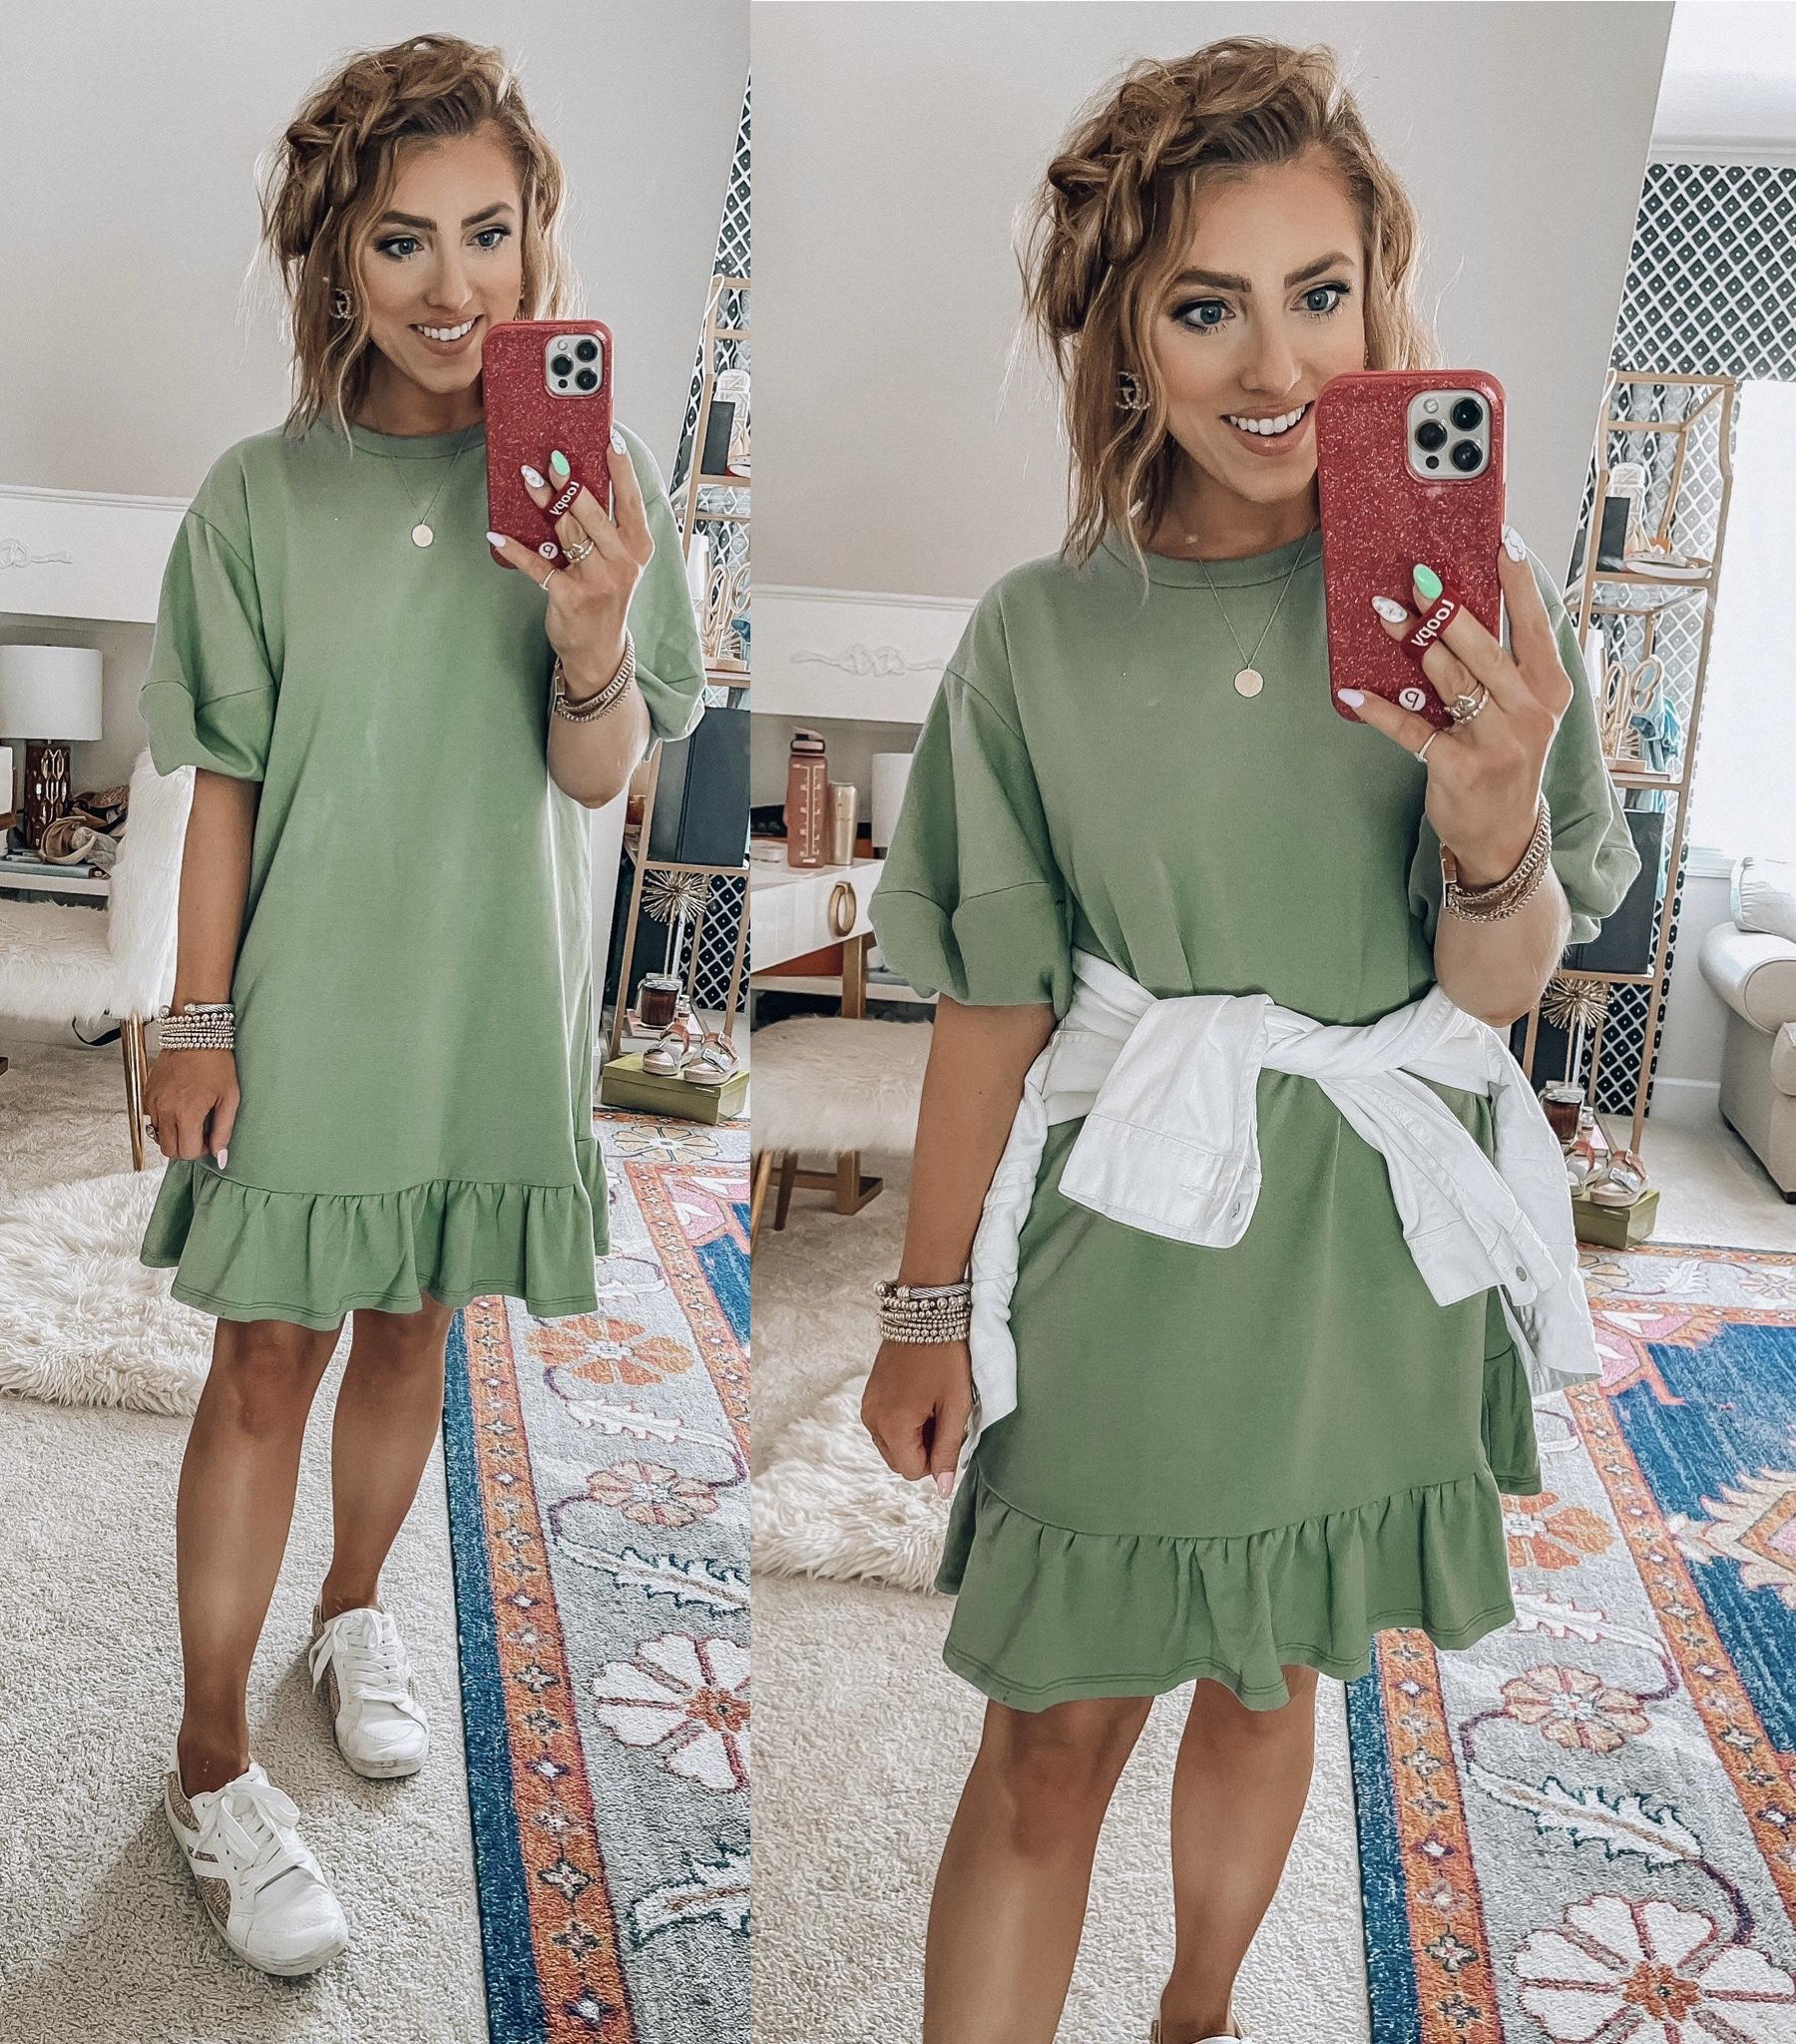 Recent Walmart Fashion Finds for Spring - Something Delightful Blog #walmartfashion #spring21fashion #affordablefashionfinds